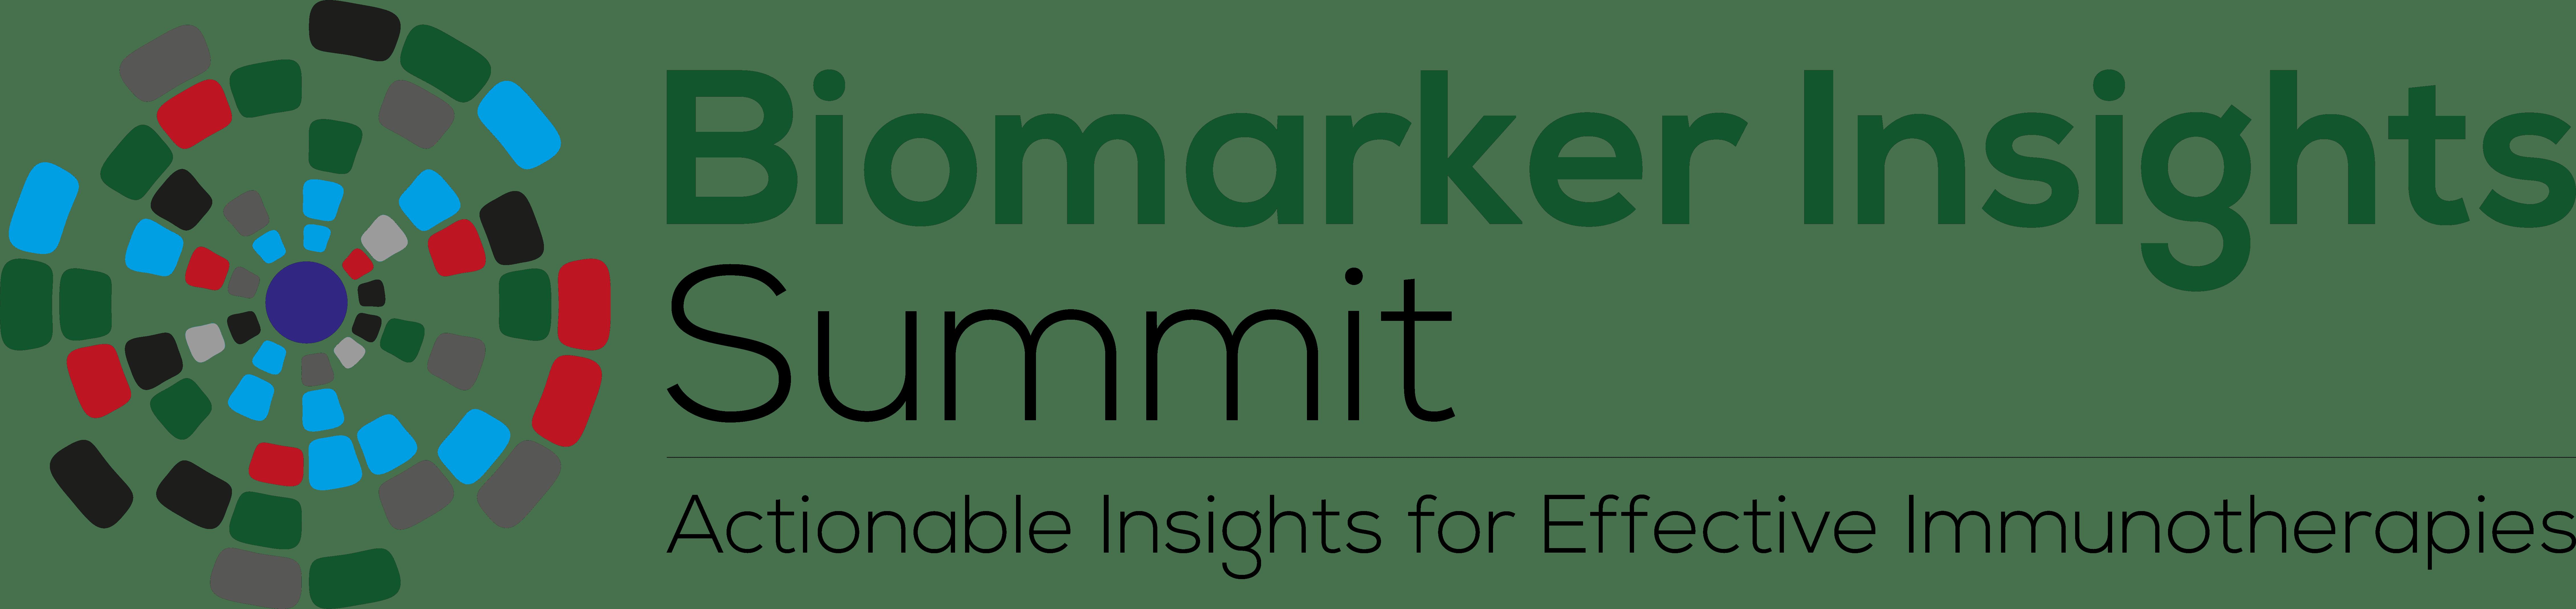 Biomarker Insights Summit logo Tagline